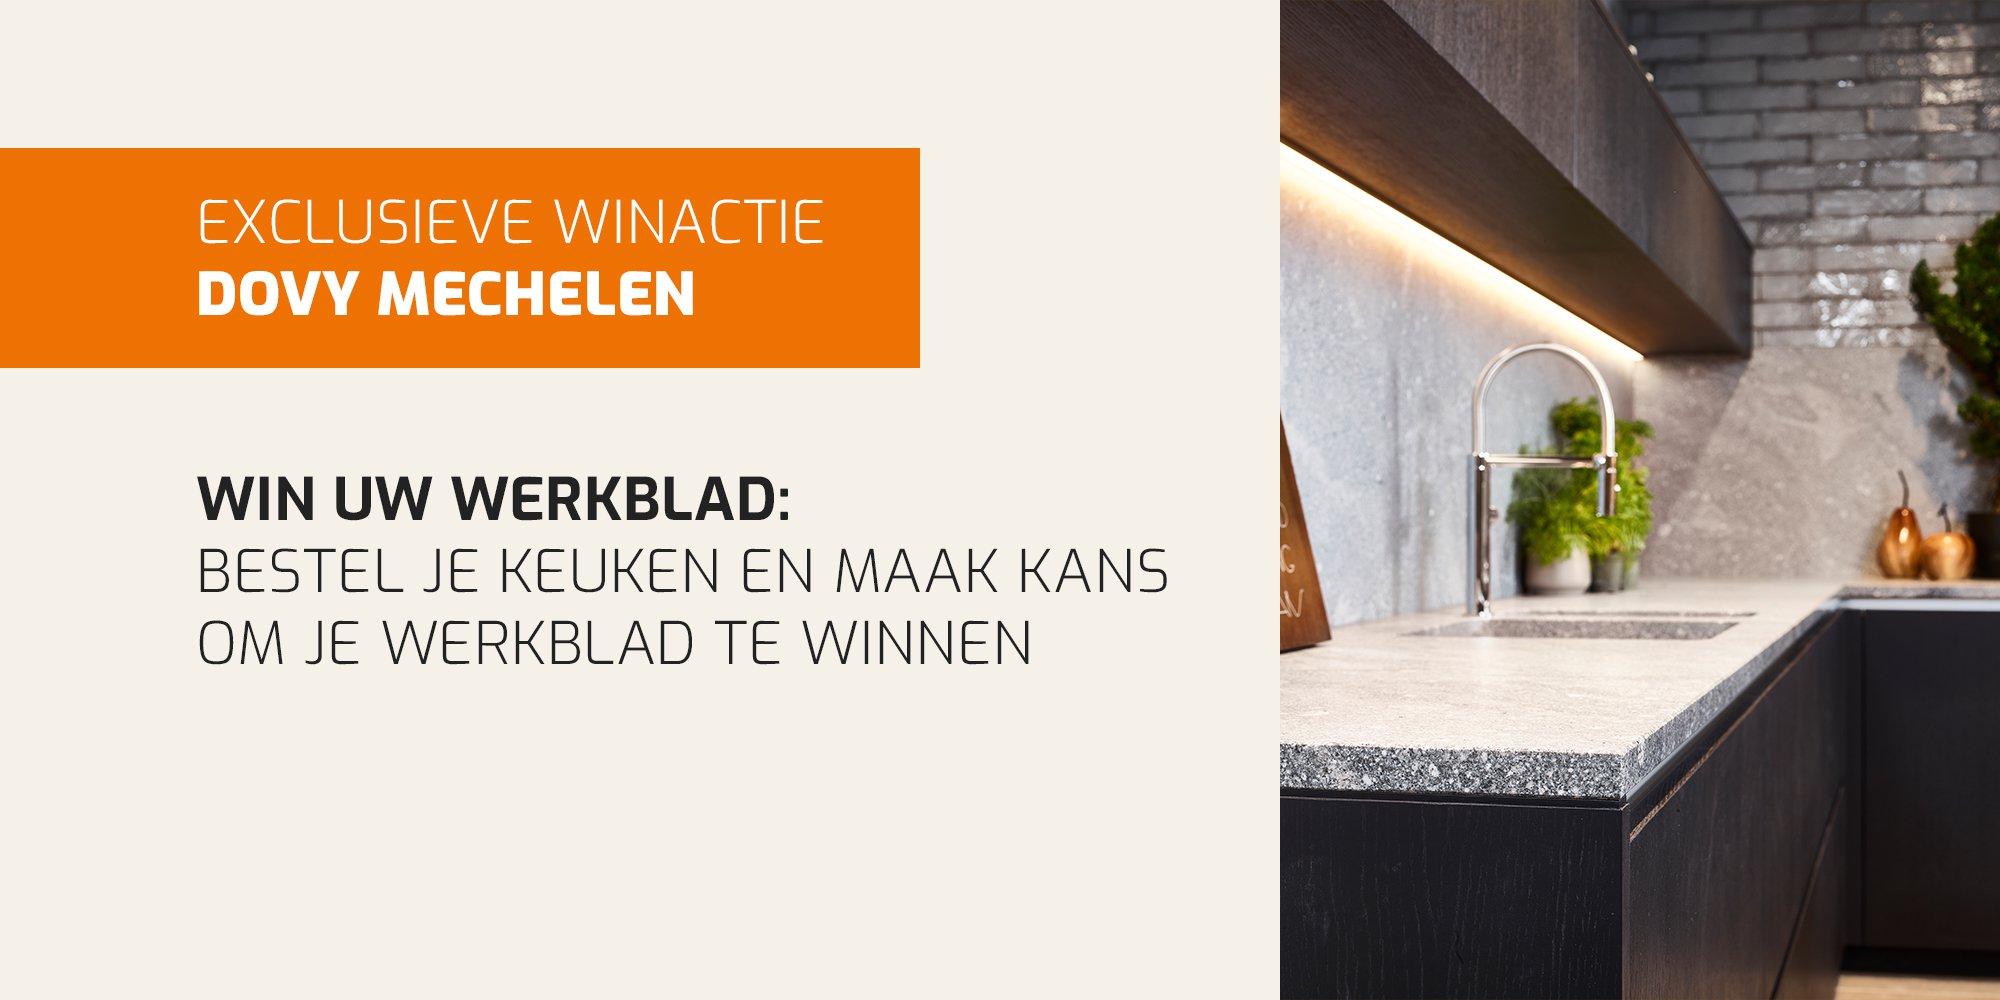 Exclusieve actie Dovy Mechelen.jpg